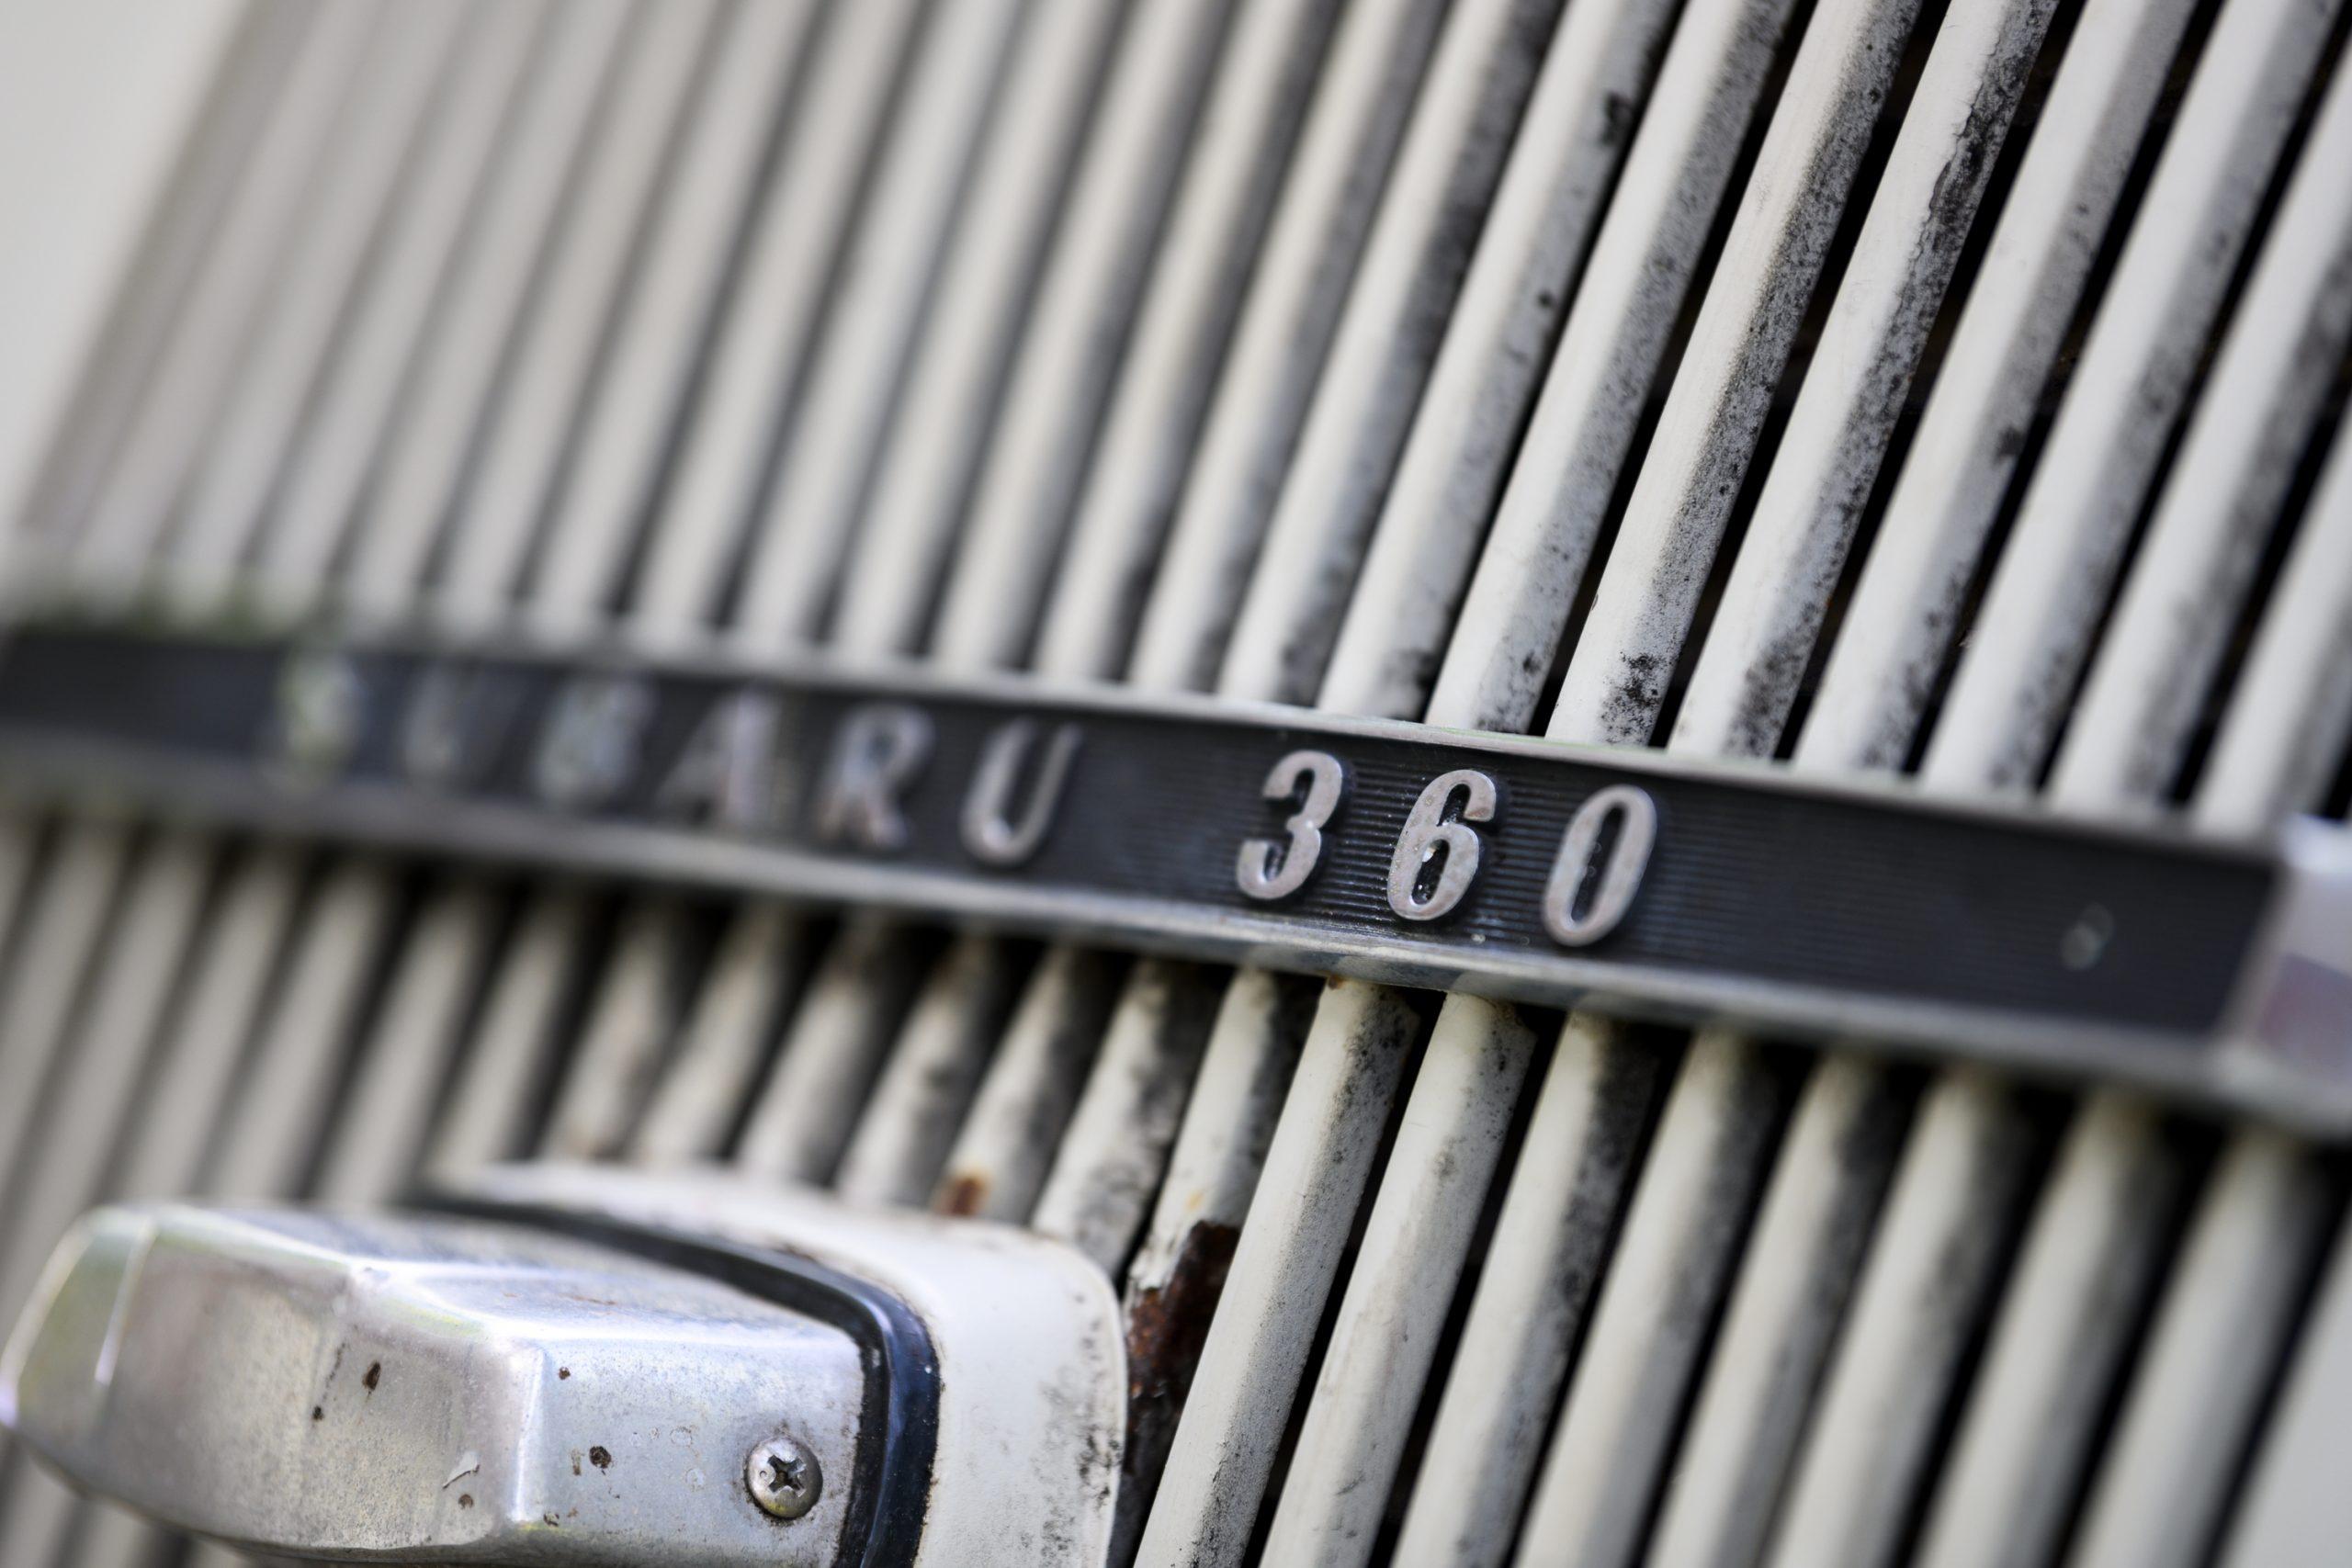 Subaru 360 badge detail